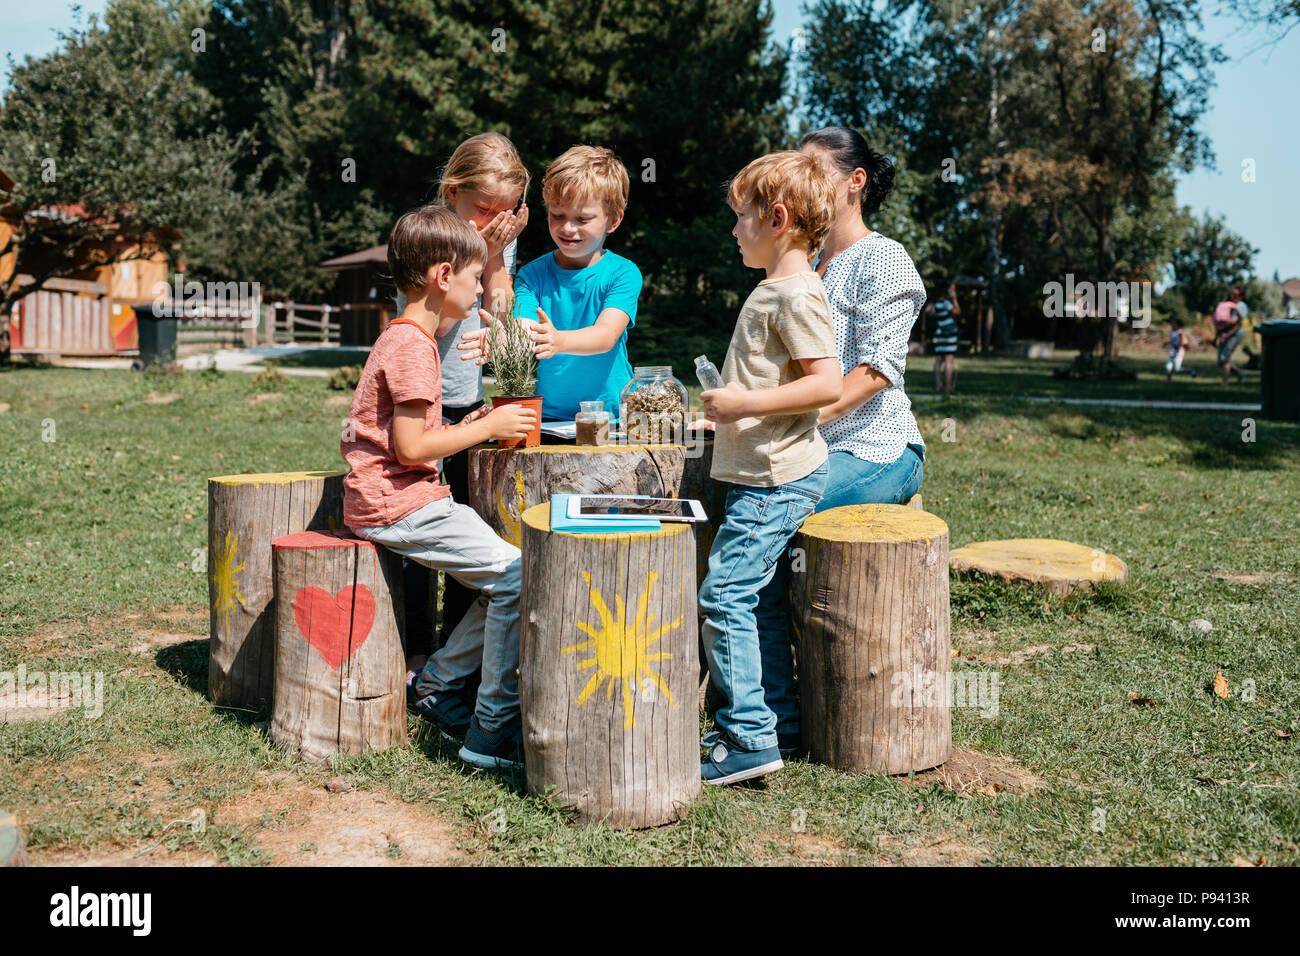 Gruppe junger Schüler in eine Lektion in einem Park. Junge primäre Studenten erkunden Kräuter durch ihre Sinne im Garten. Stockbild